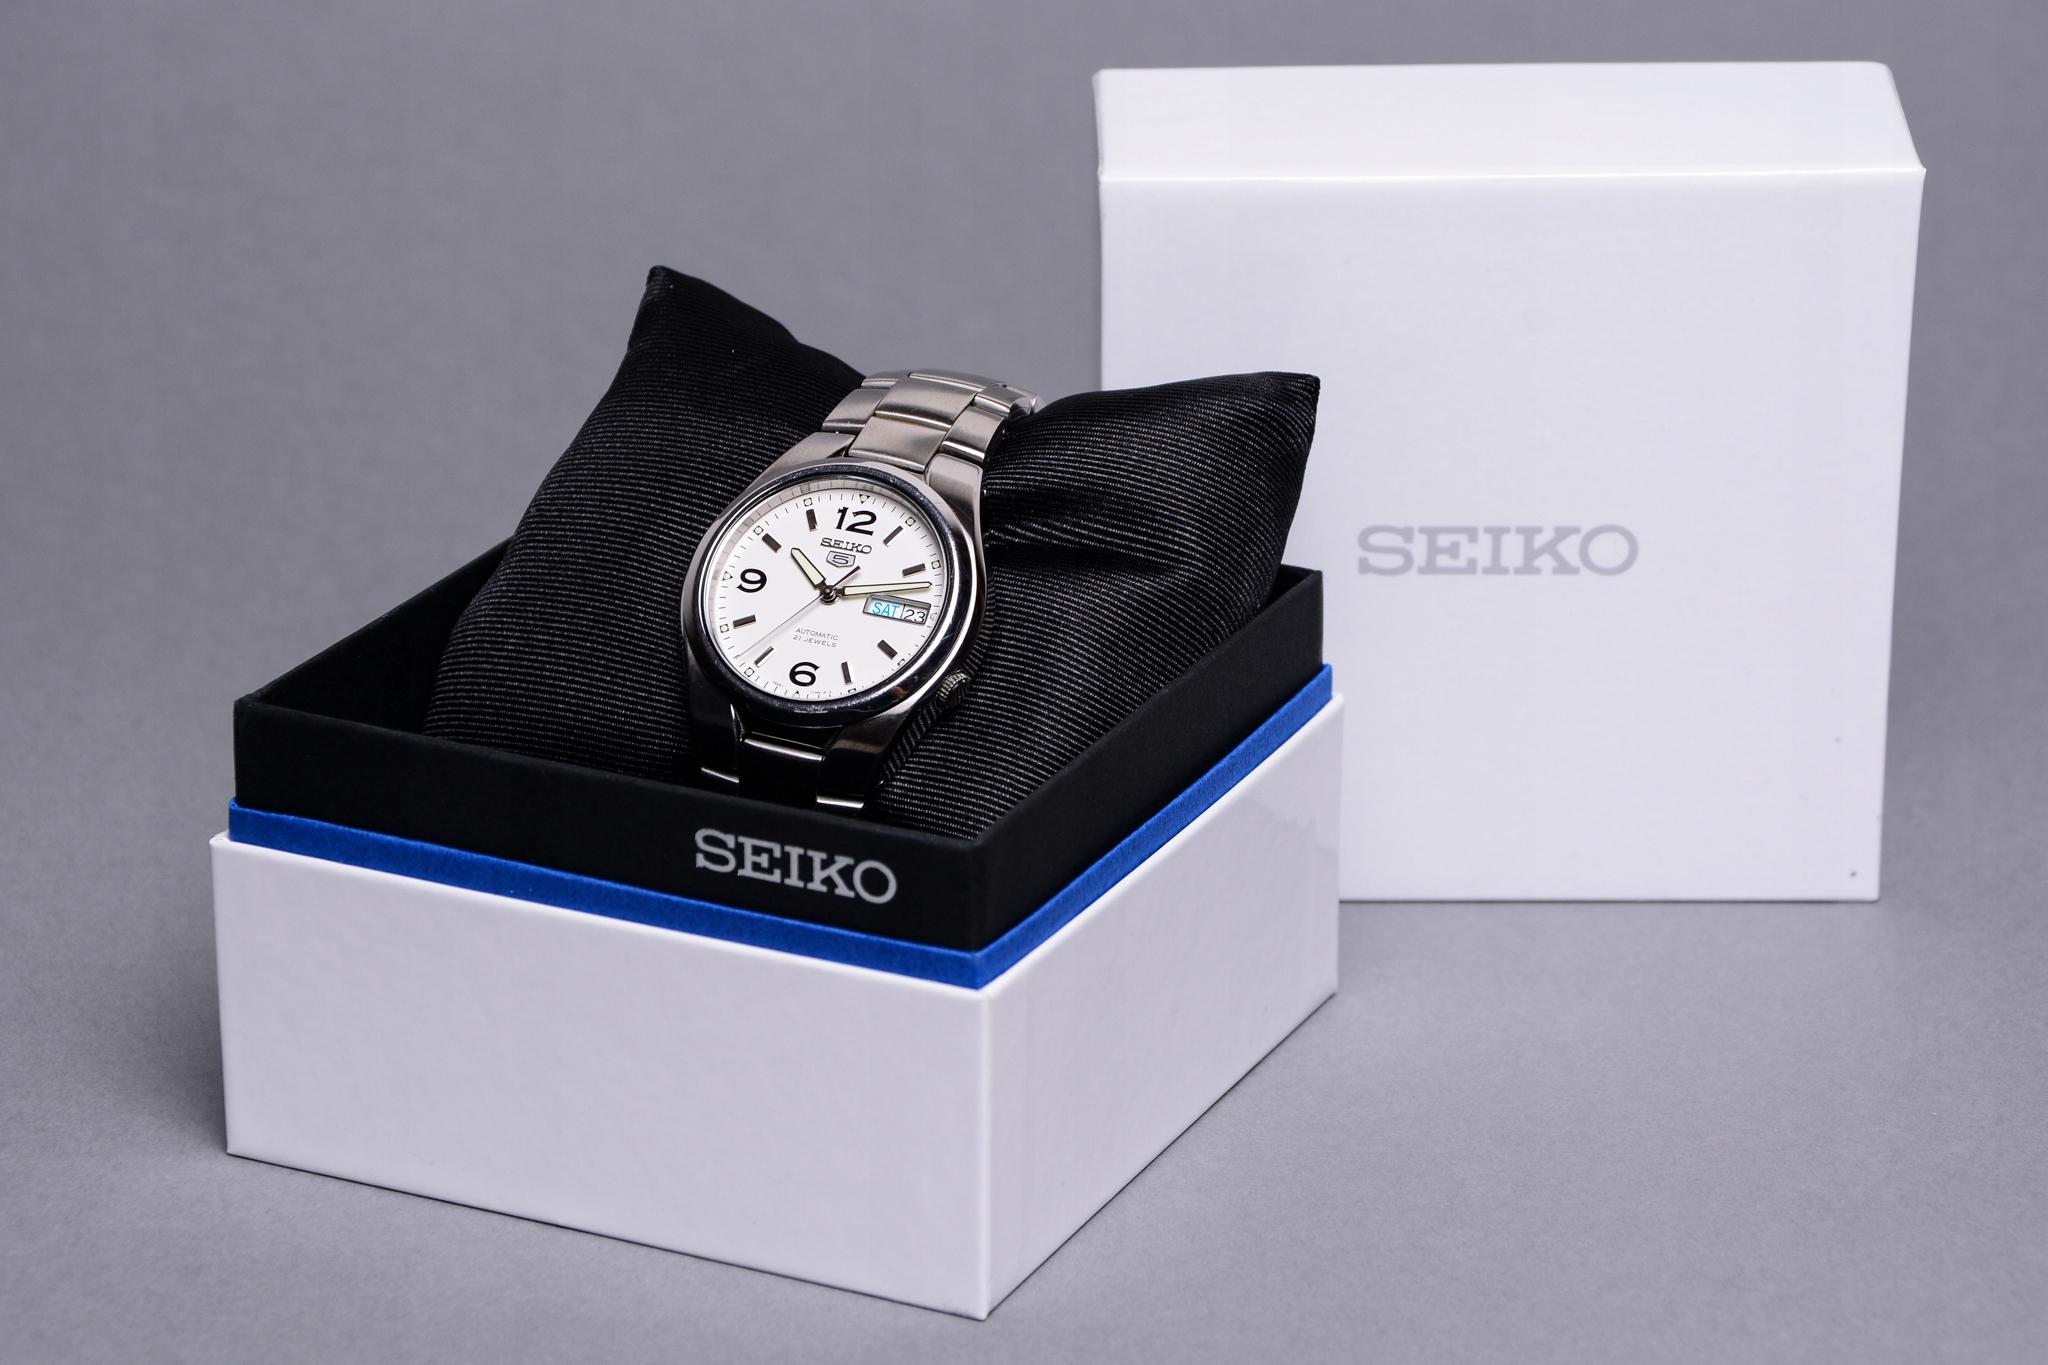 reputable site 9a4bd 51641 Seiko 5 SNKM73K1/SNK615K1 Automatic JEDYNY TAKI - 7862629861 ...